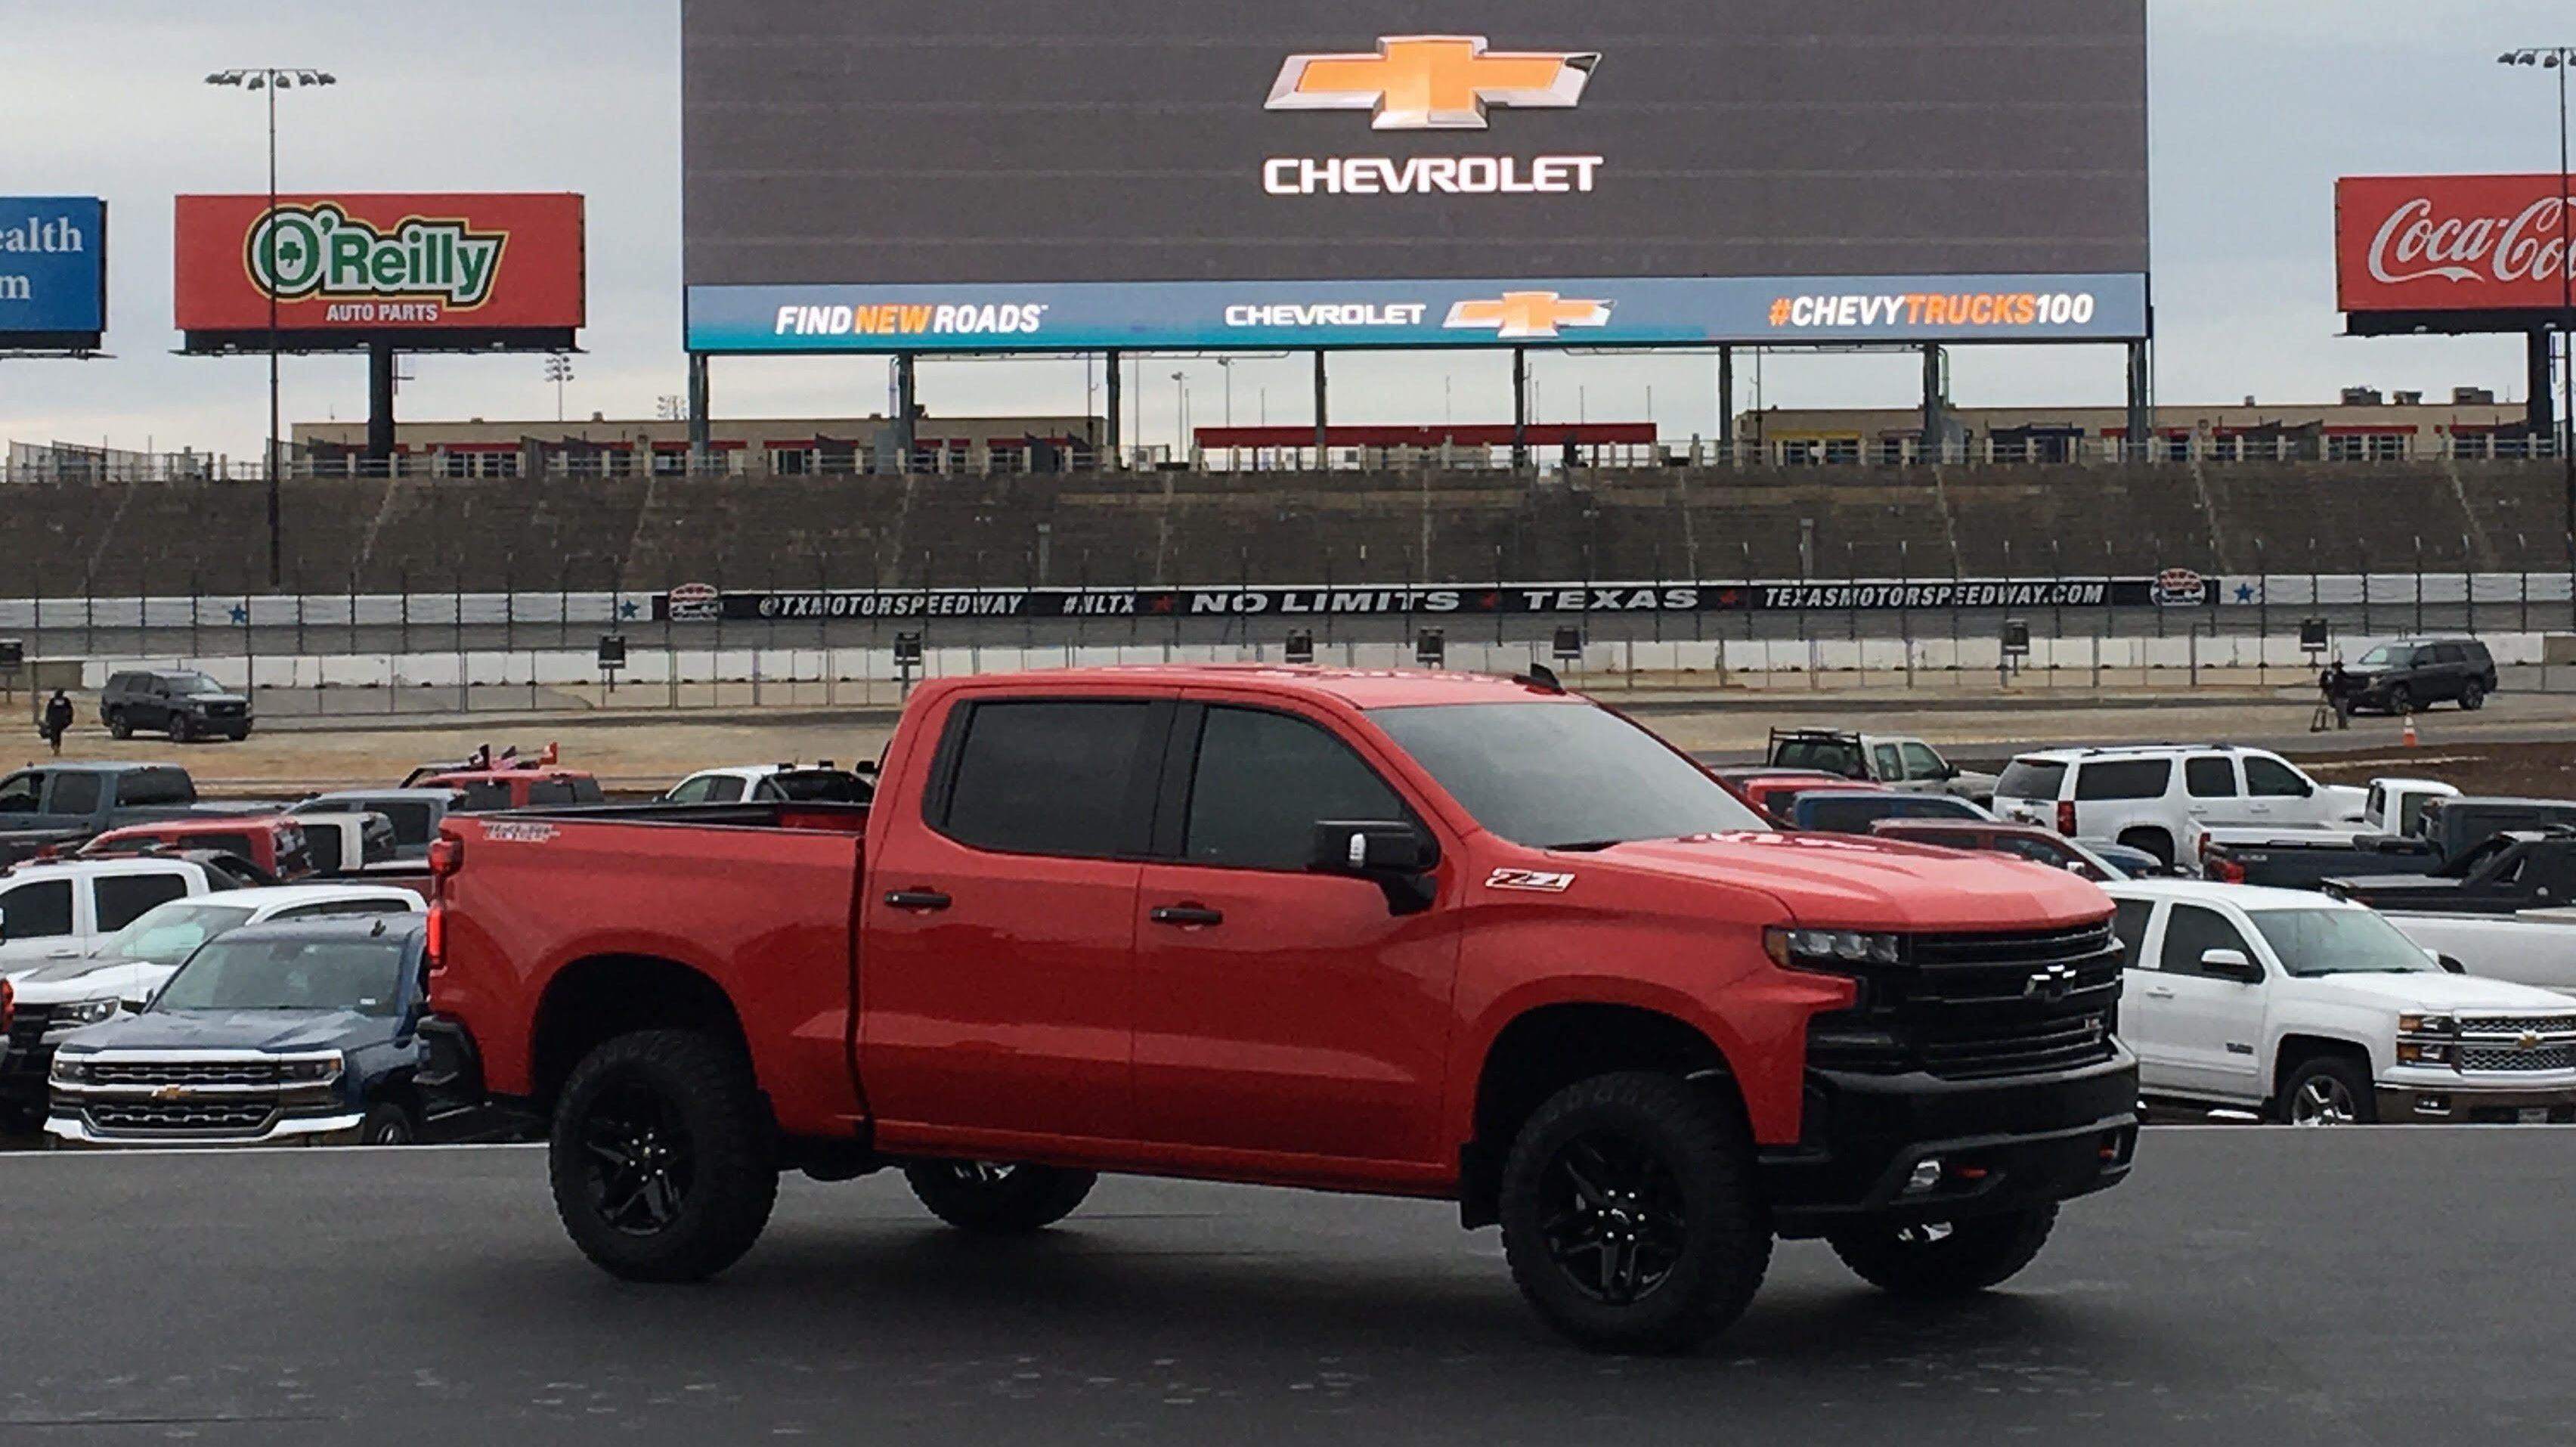 2019 Chevrolet Silverado picture